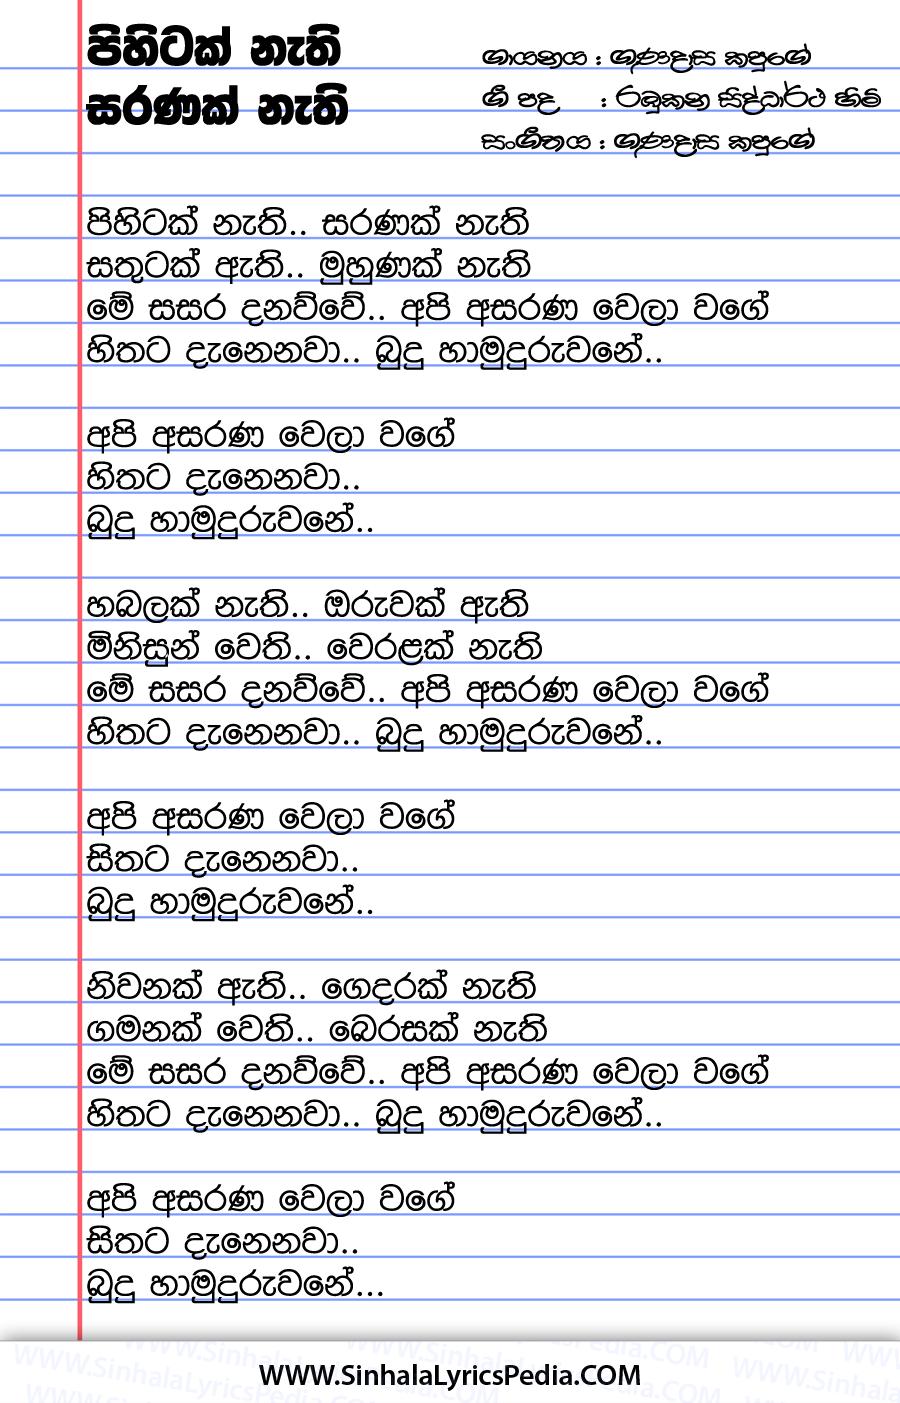 Pihitak Nathi Saranak Nathi Song Lyrics